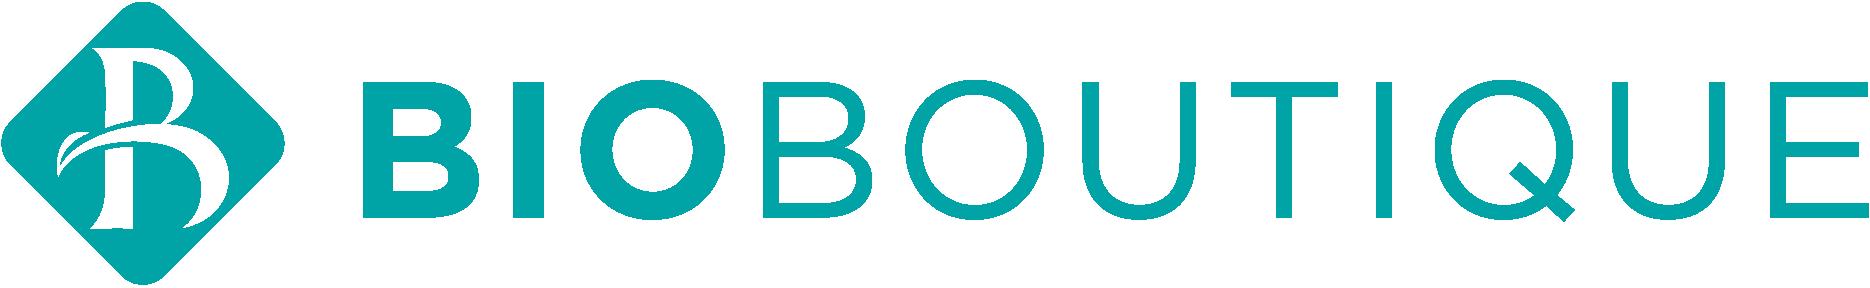 Bioboutique.cz